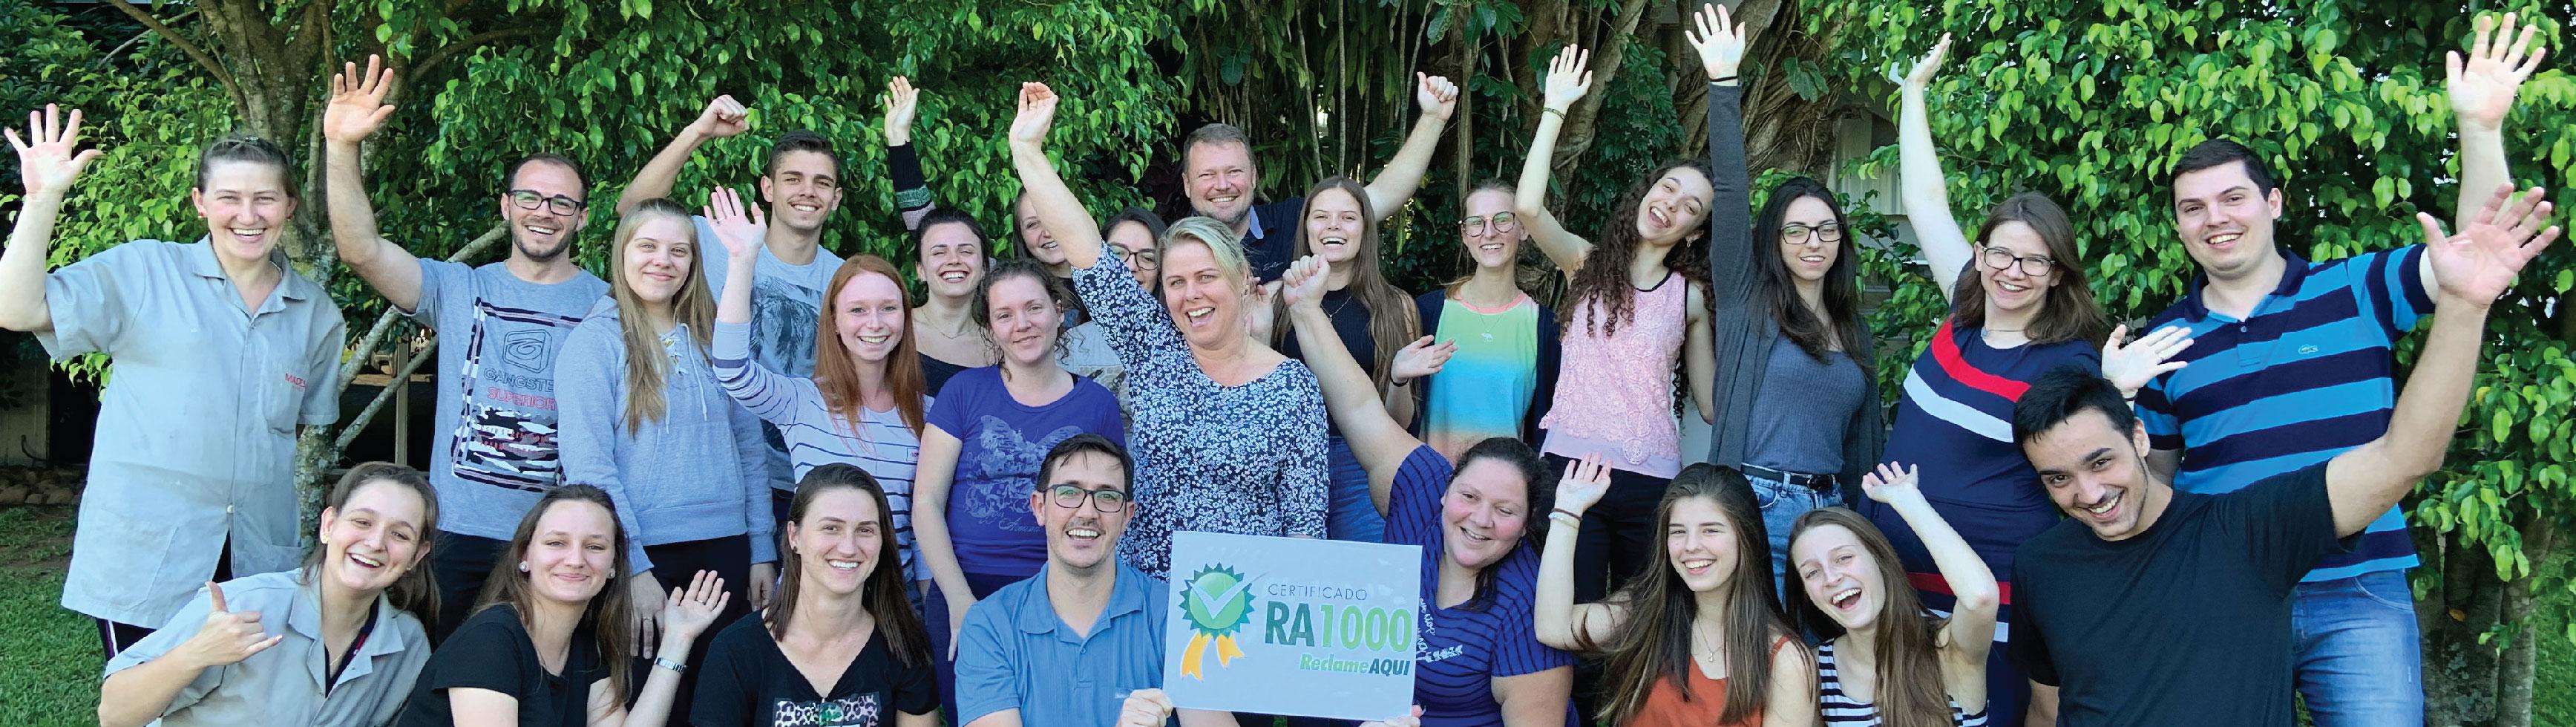 Banner - prêmio RA